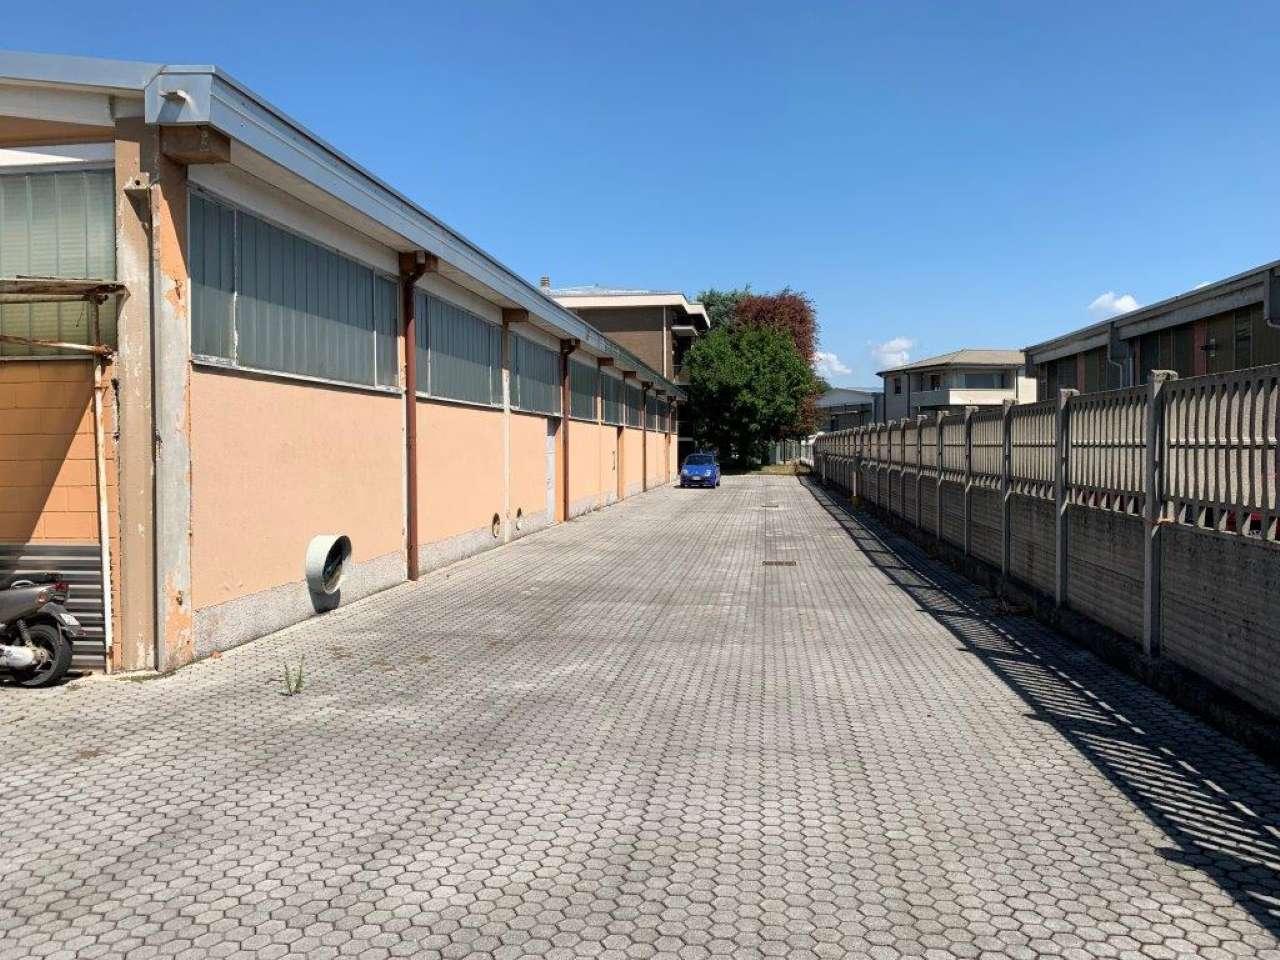 Capannone in vendita a Figino Serenza, 1 locali, Trattative riservate | PortaleAgenzieImmobiliari.it